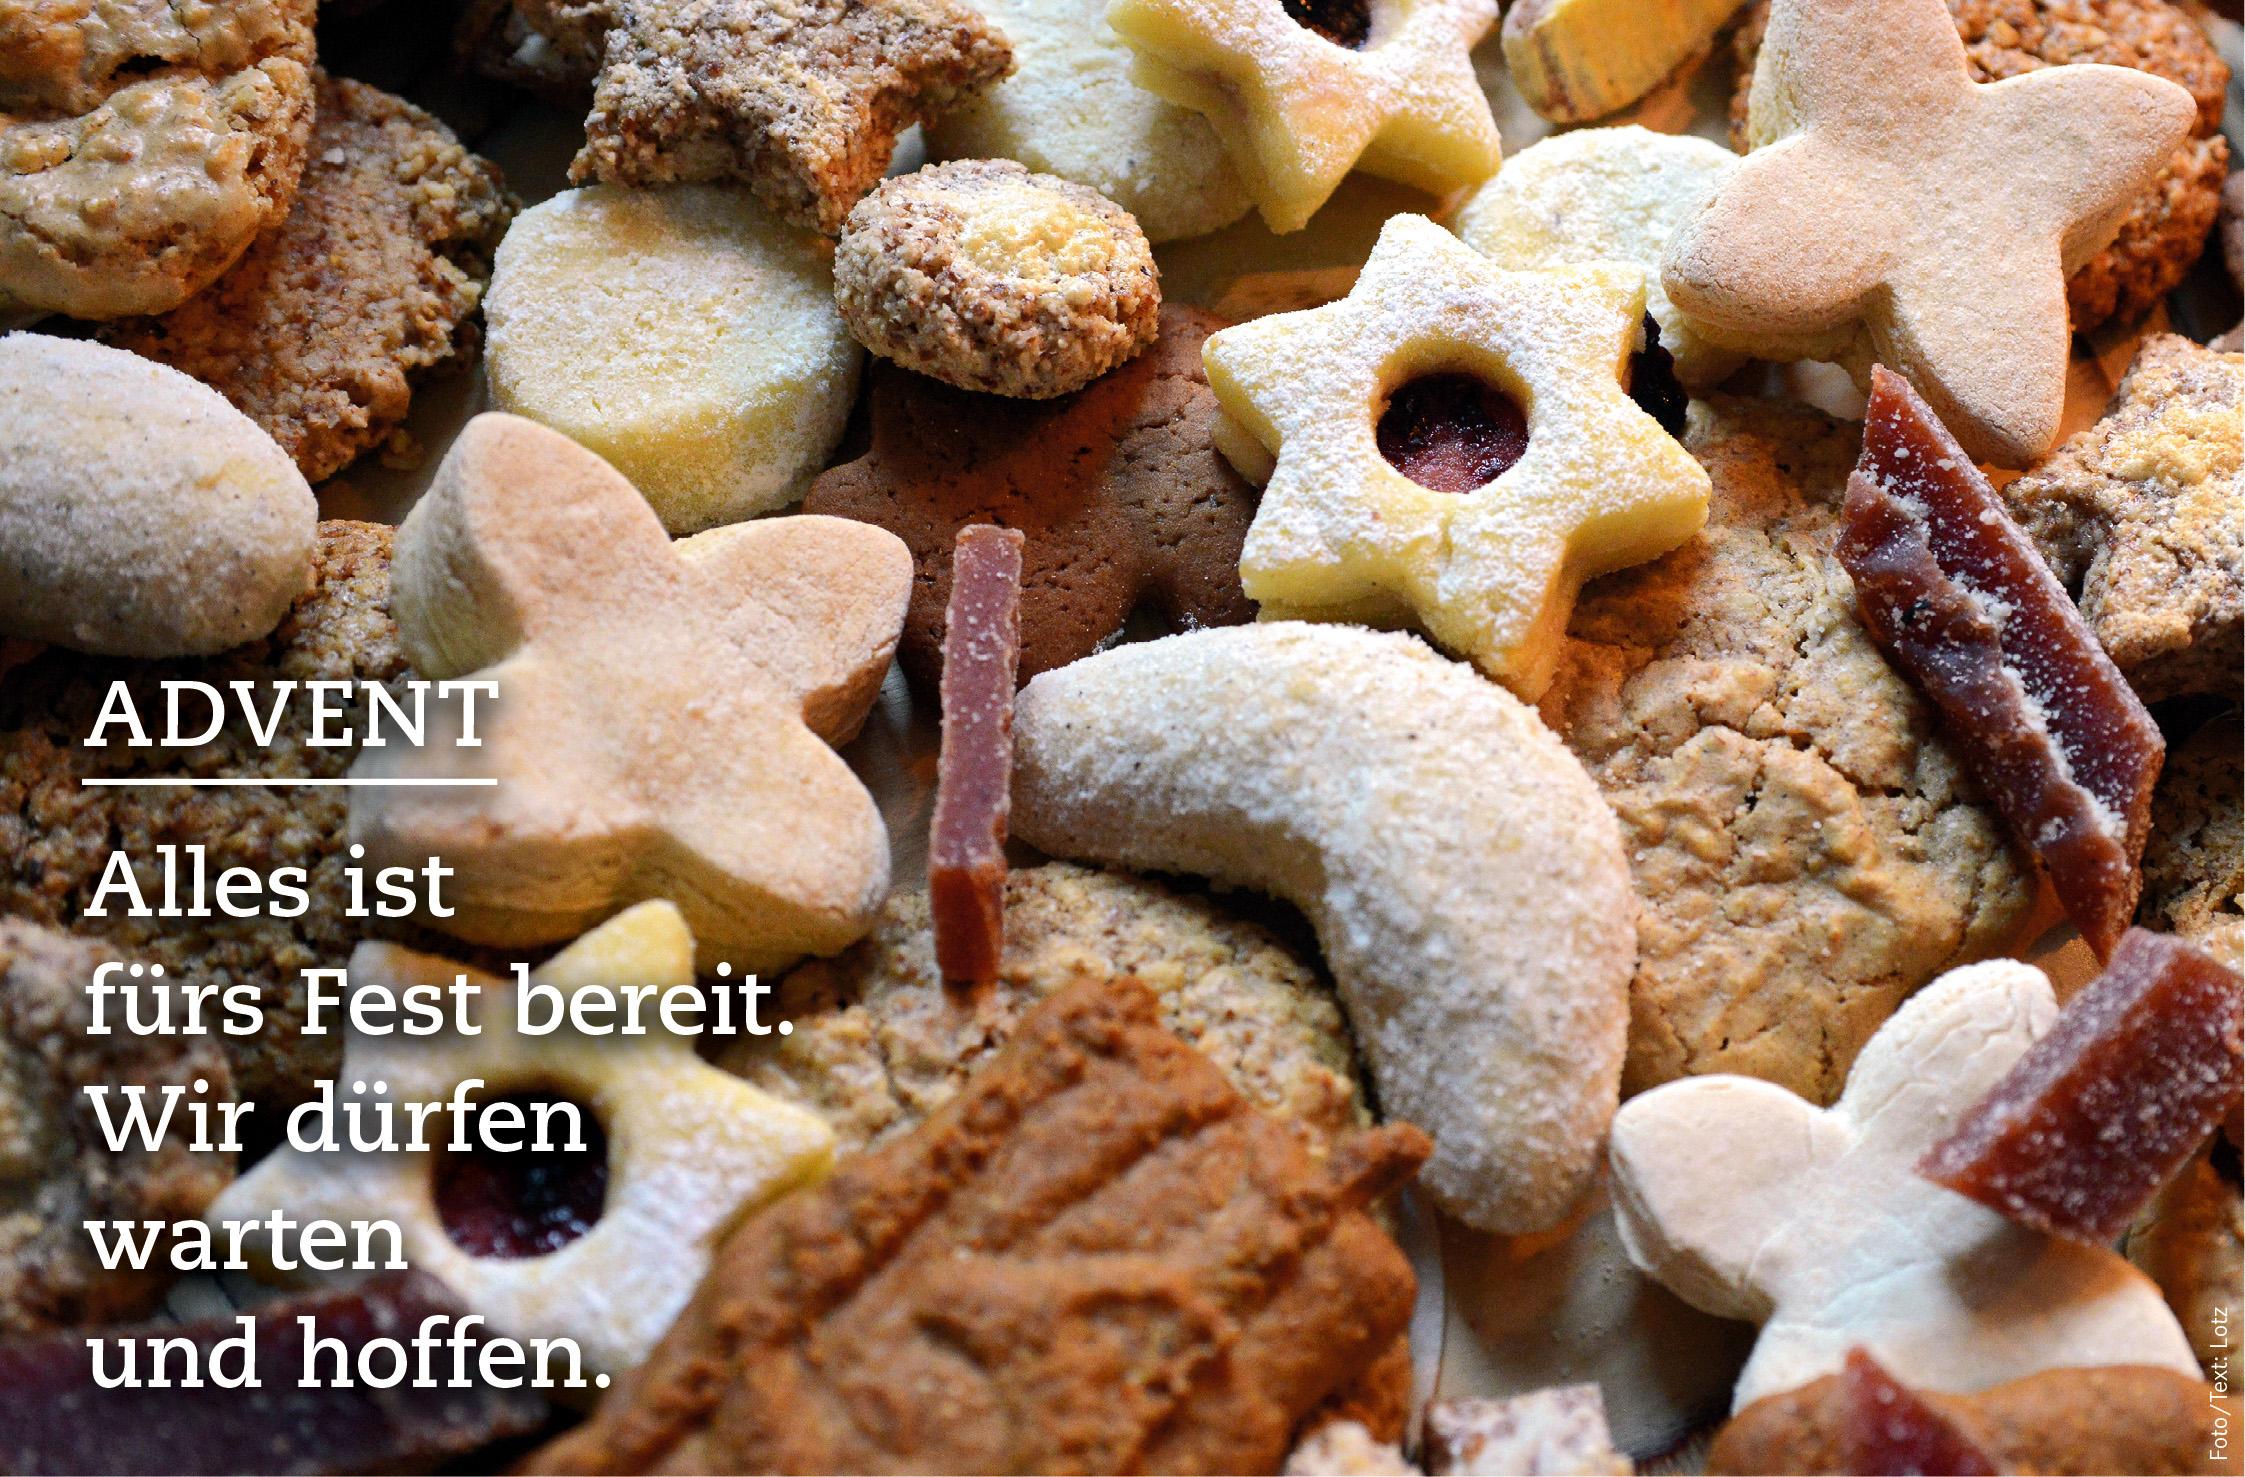 advent-spruch-171_4301_rgb